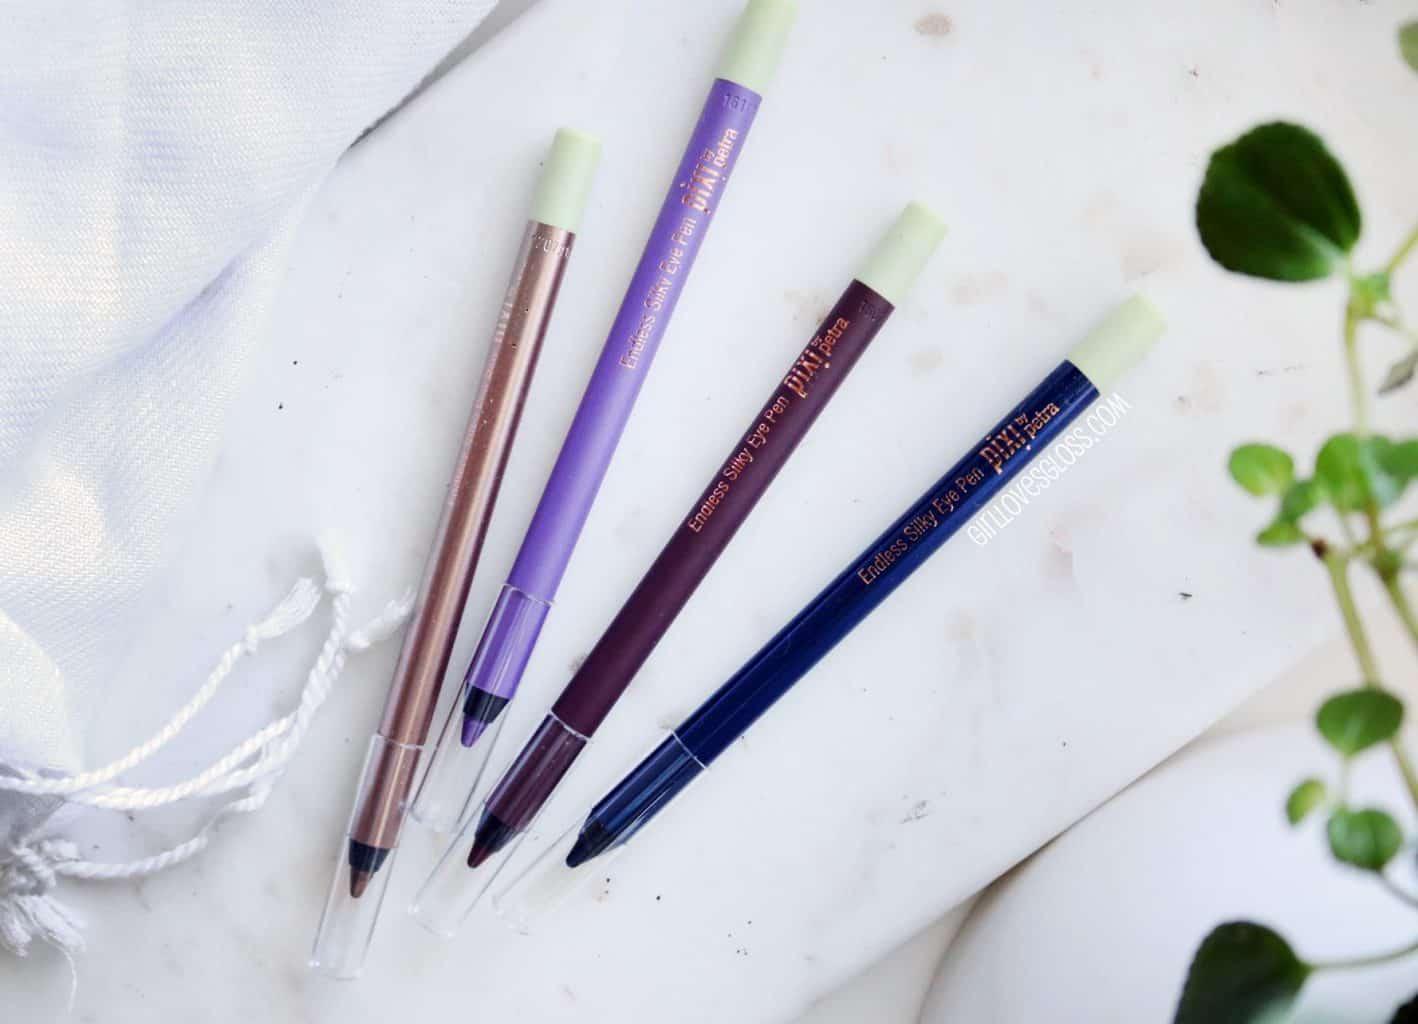 Pixi Endless Silky Eye Pencil